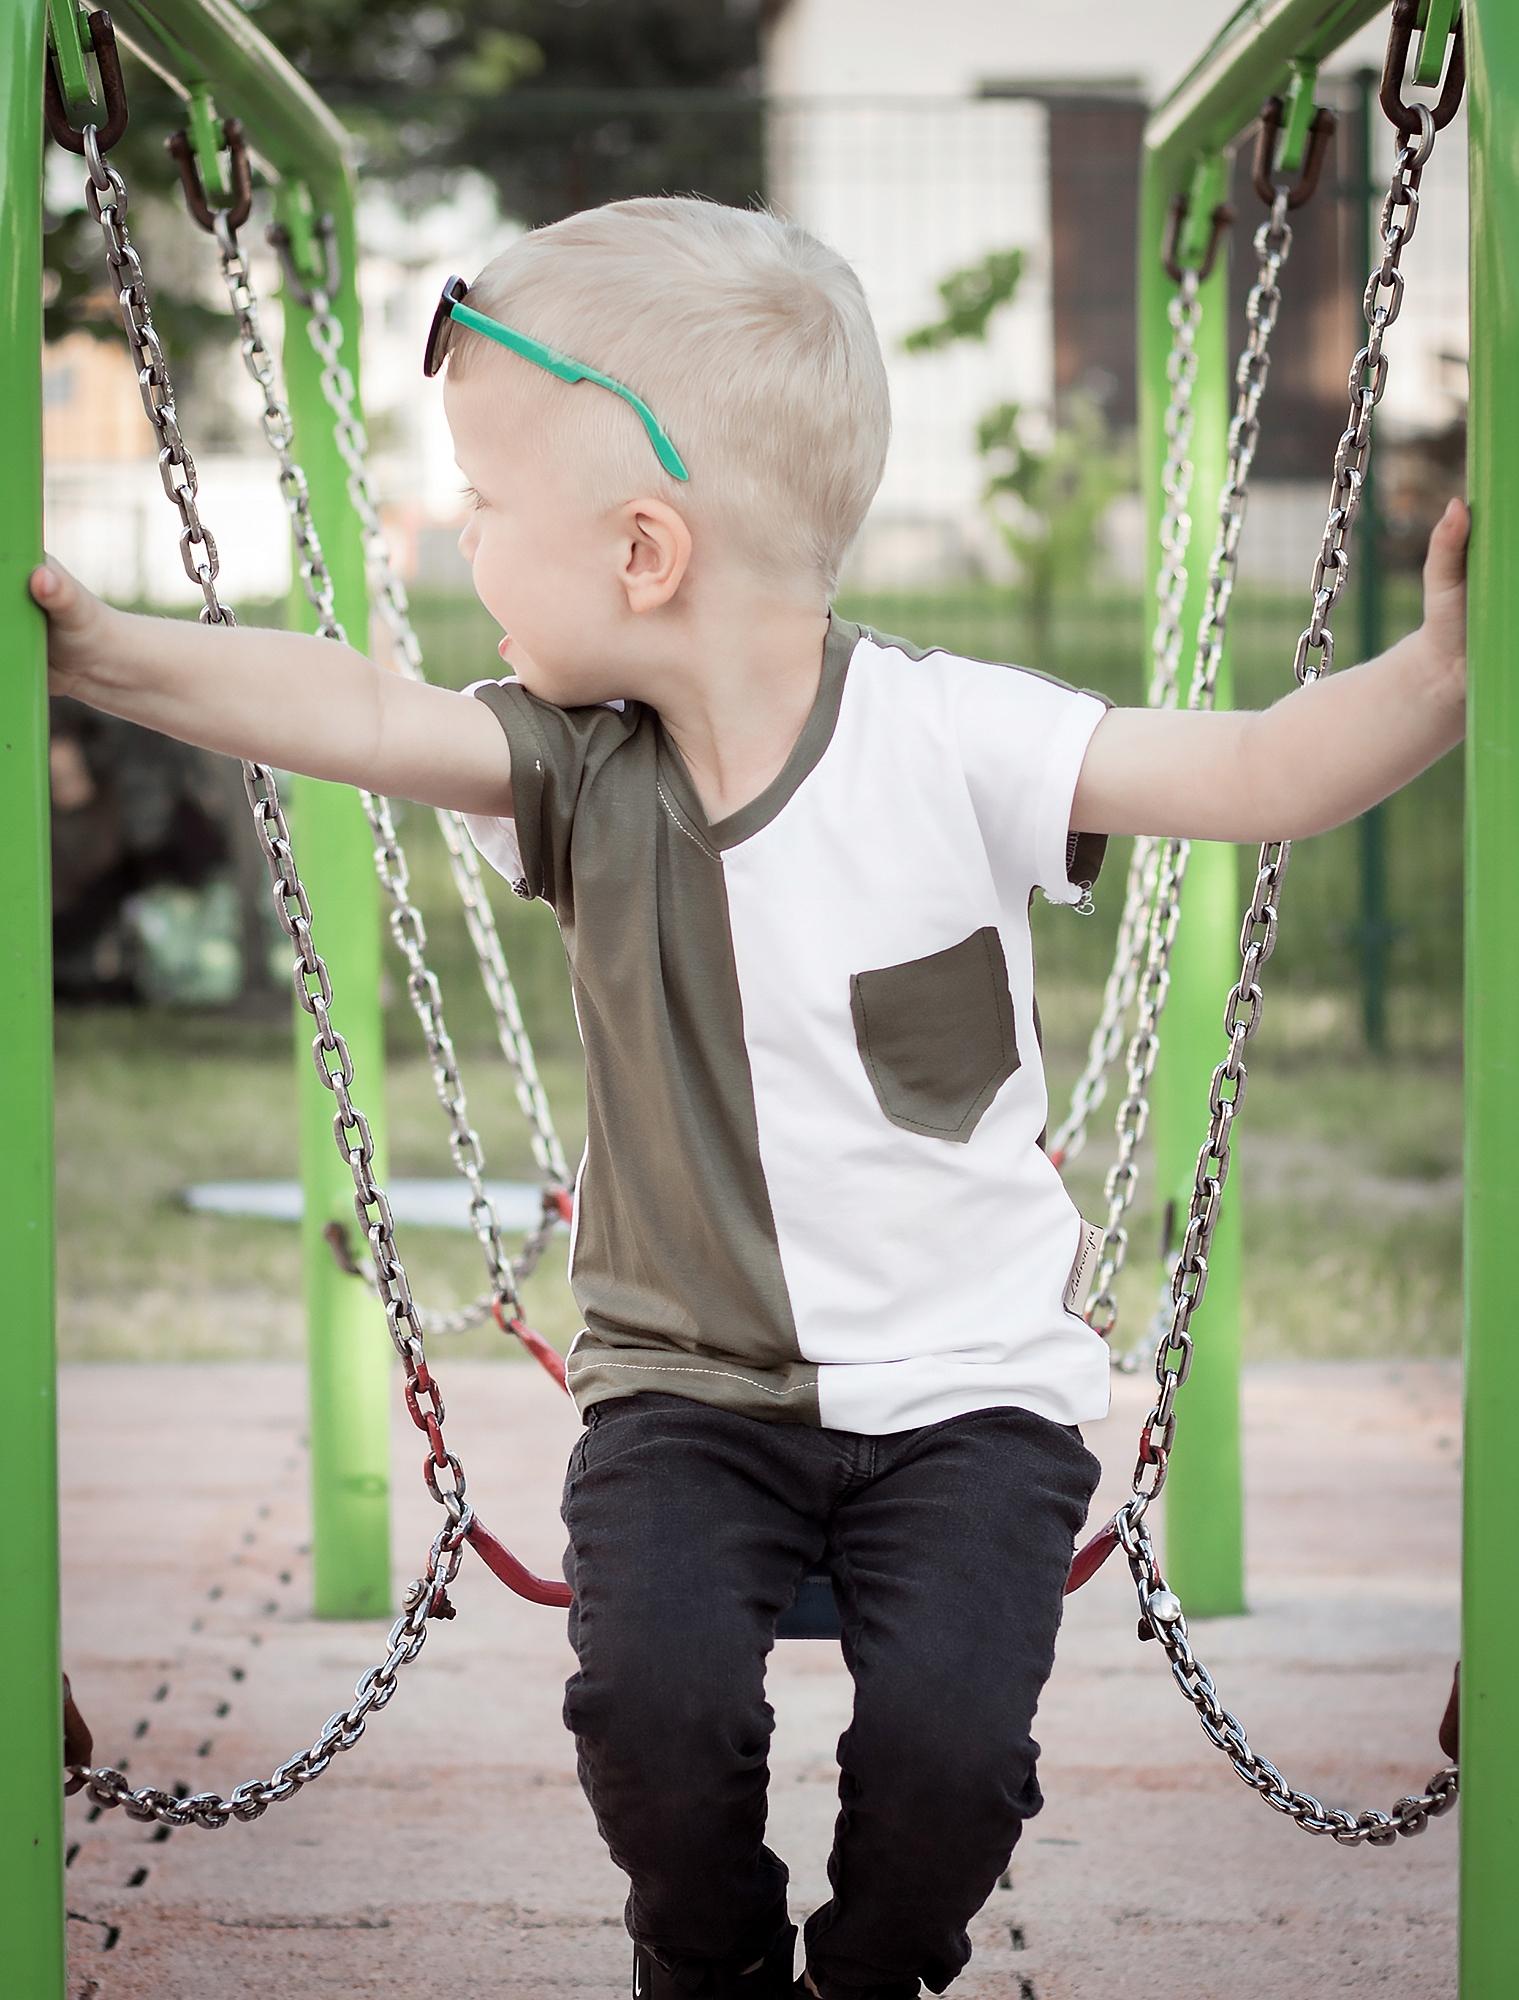 Koszulka chłopiec biało zielona r.134 Lukrencja